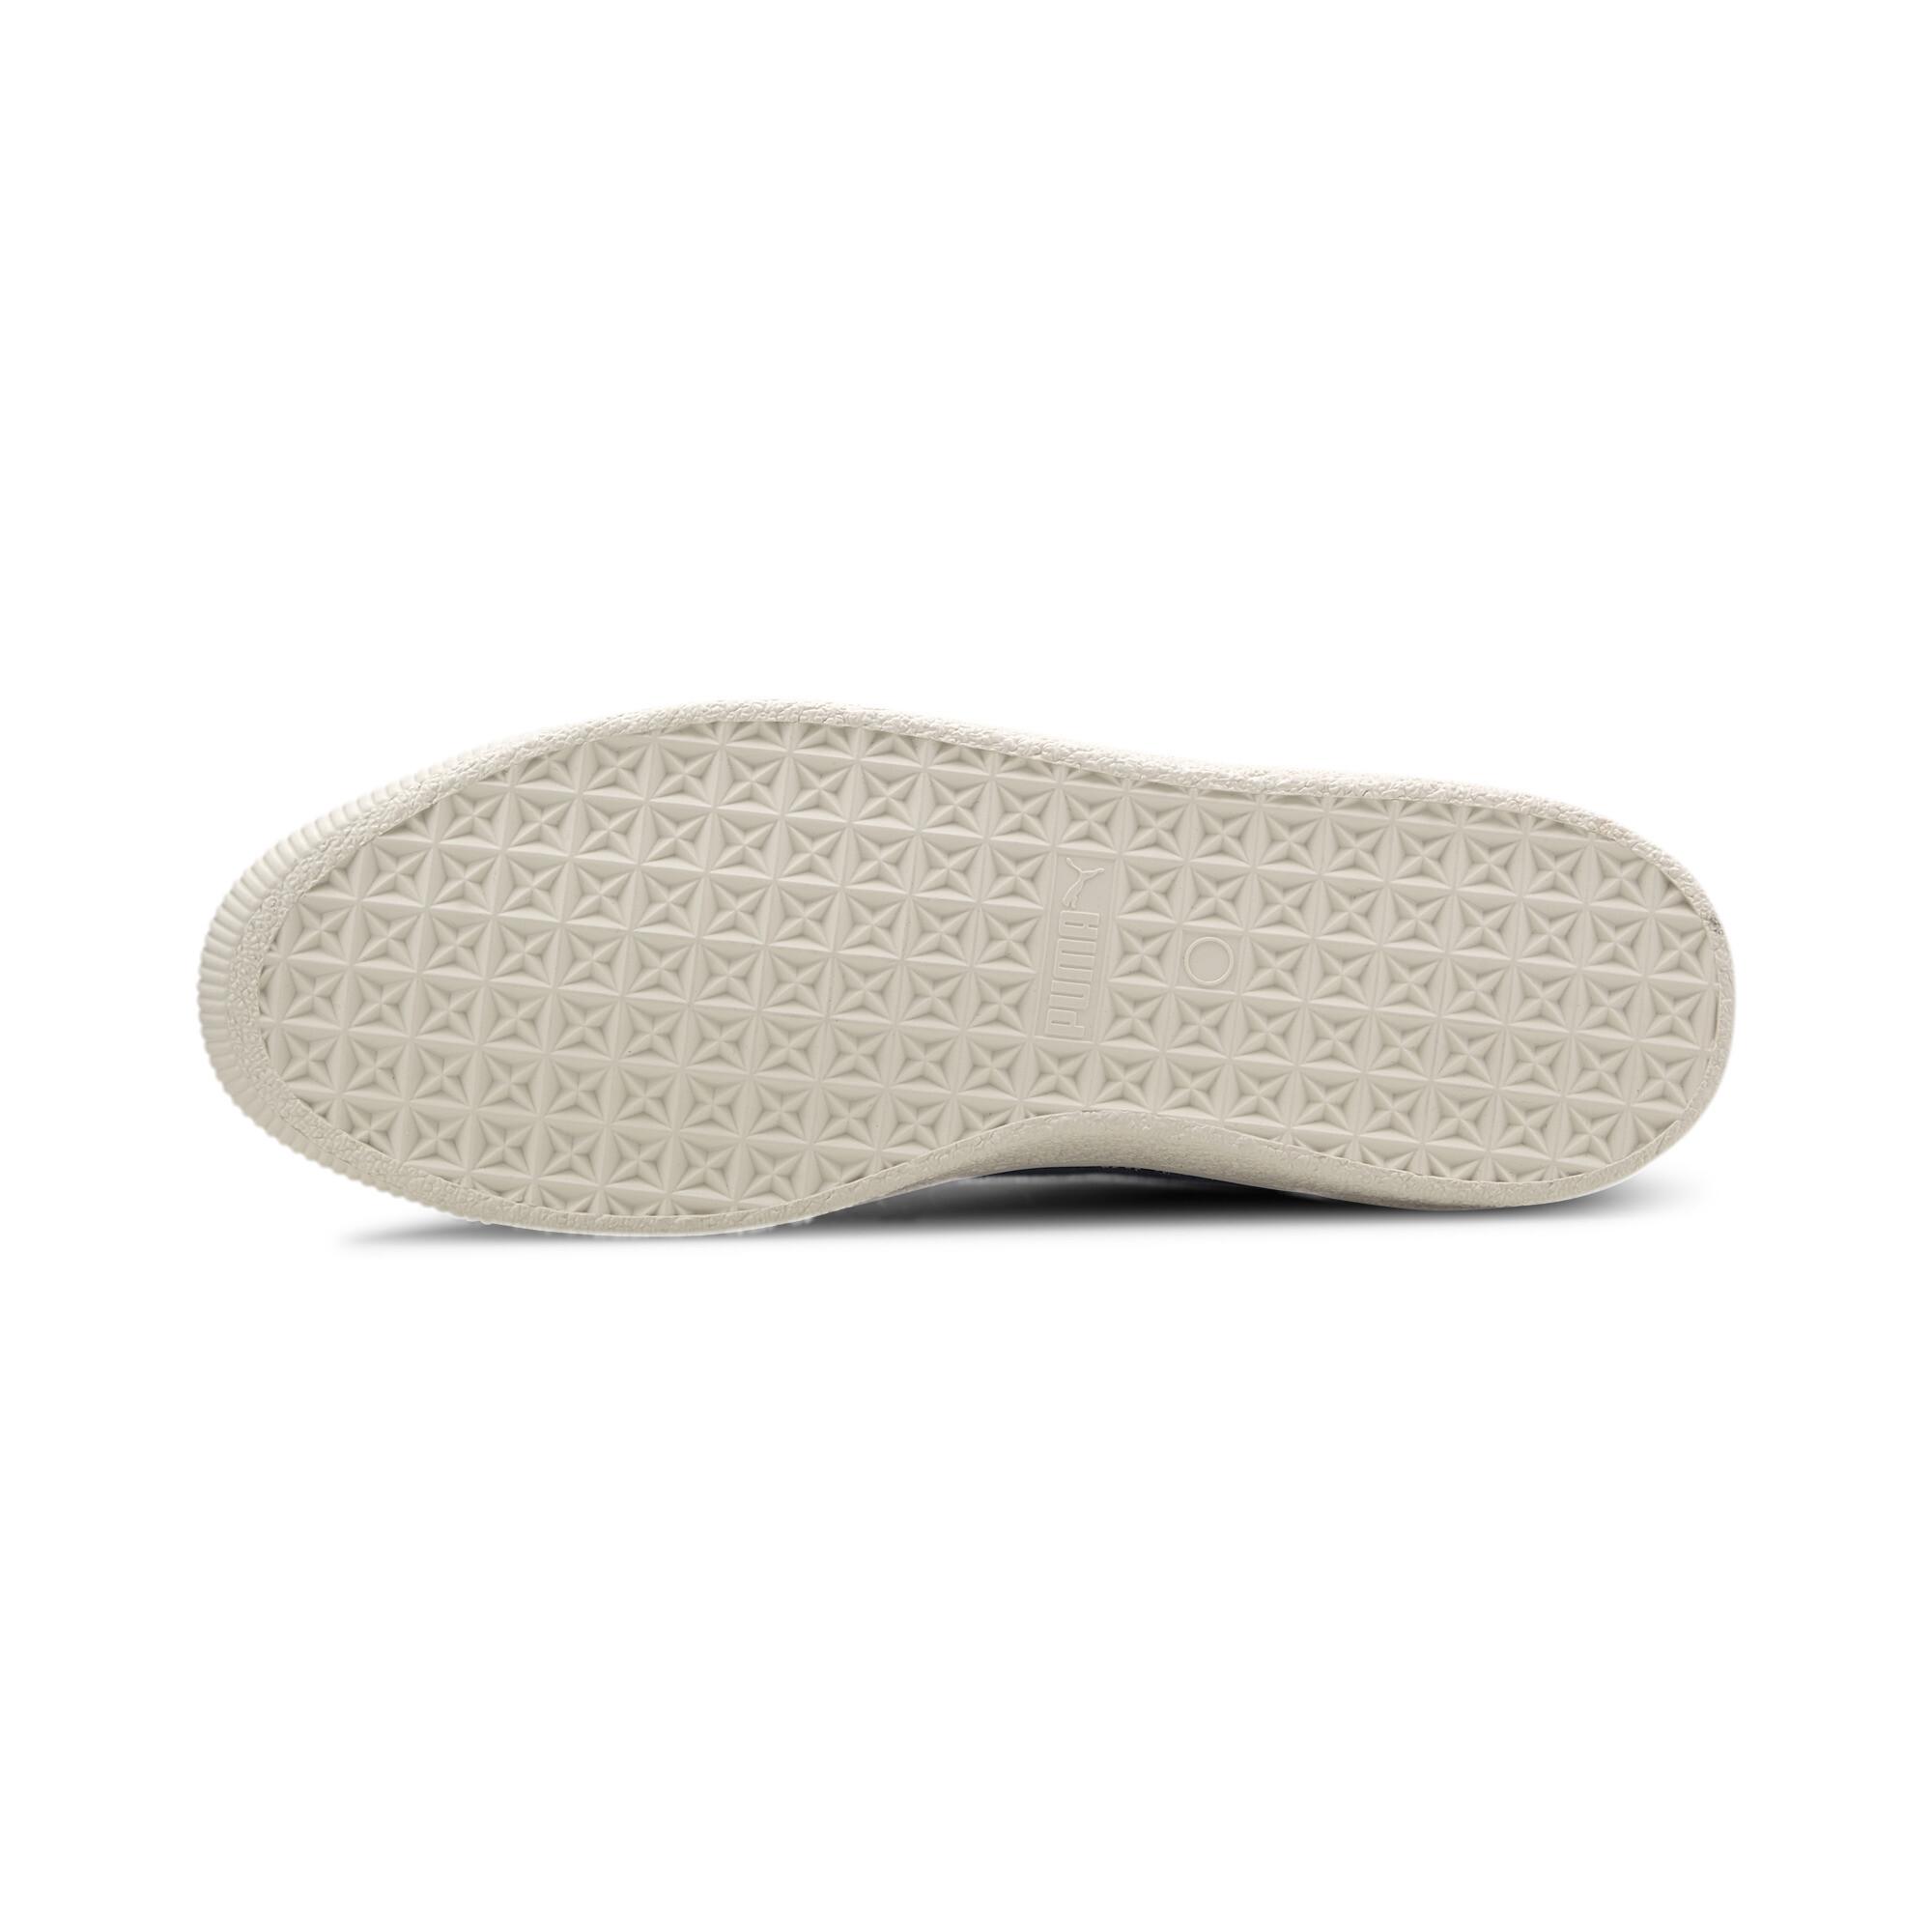 PUMA-Men-039-s-Suede-Trim-DLX-Sneakers thumbnail 13